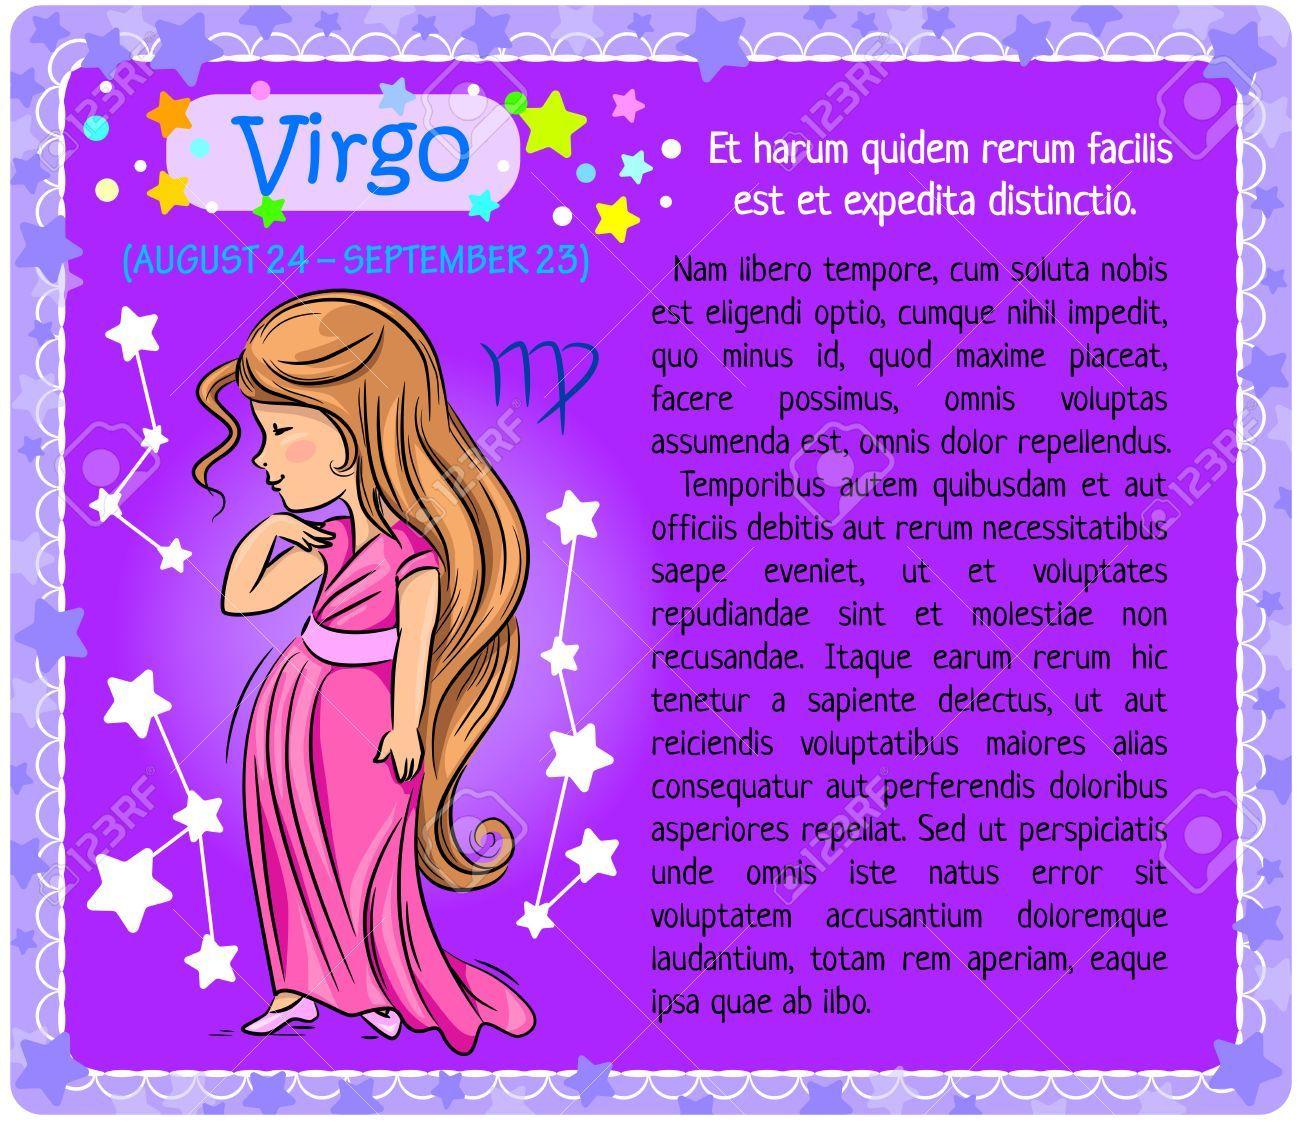 Chica Que Muestra Signo Del Zodiaco Virgo En Un Fondo De Color Morado Con Un Bloque De Texto Signo Del Zodiaco Virgo Signos Del Zodiaco Virgo Zodiaco